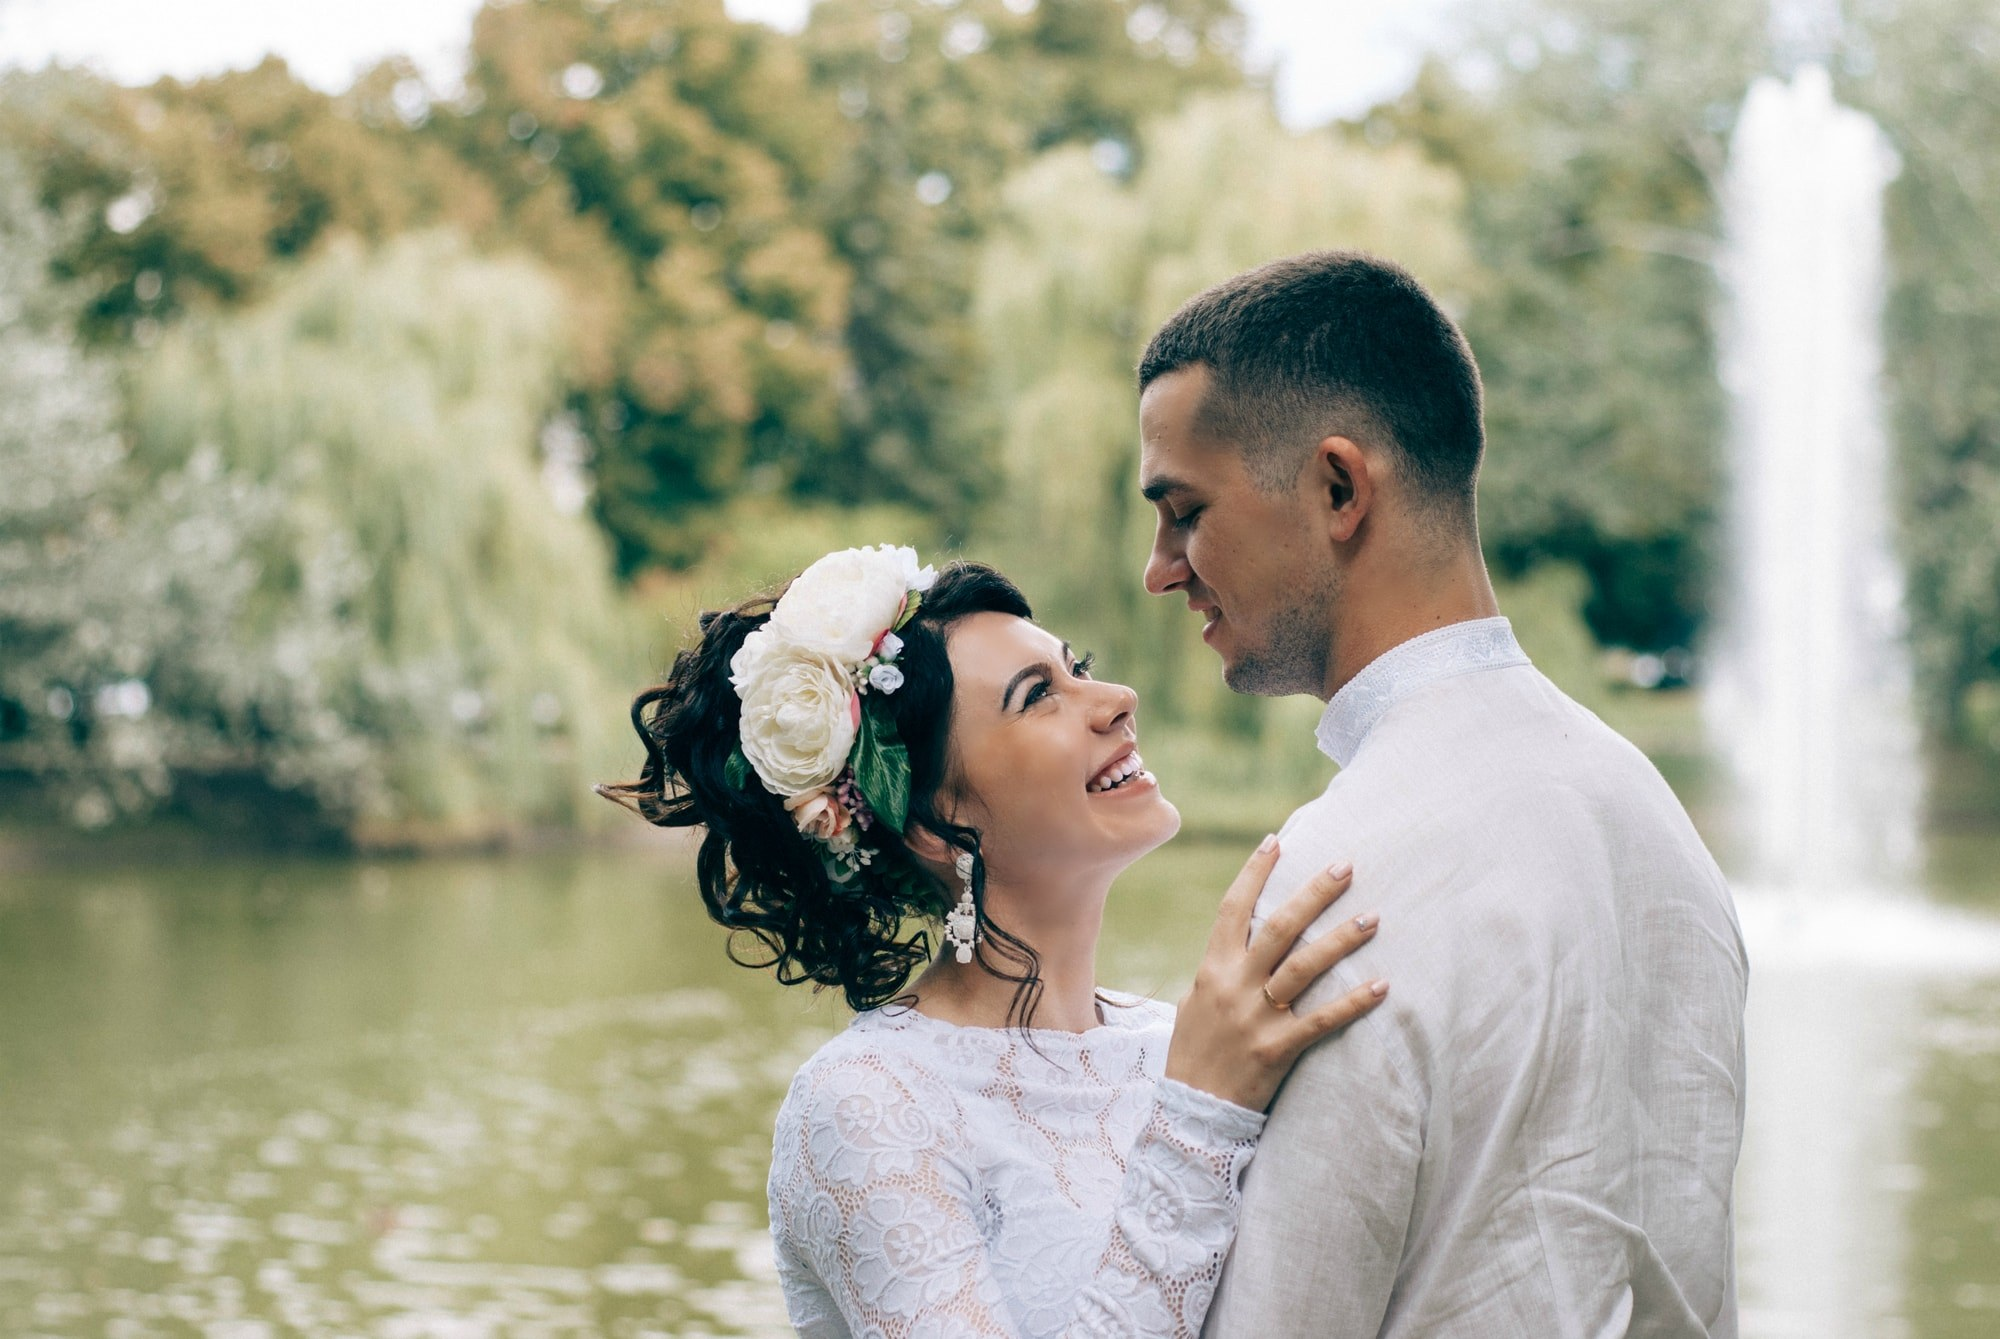 Невеста улыбается жениху - Фотограф Киев - Женя Лайт